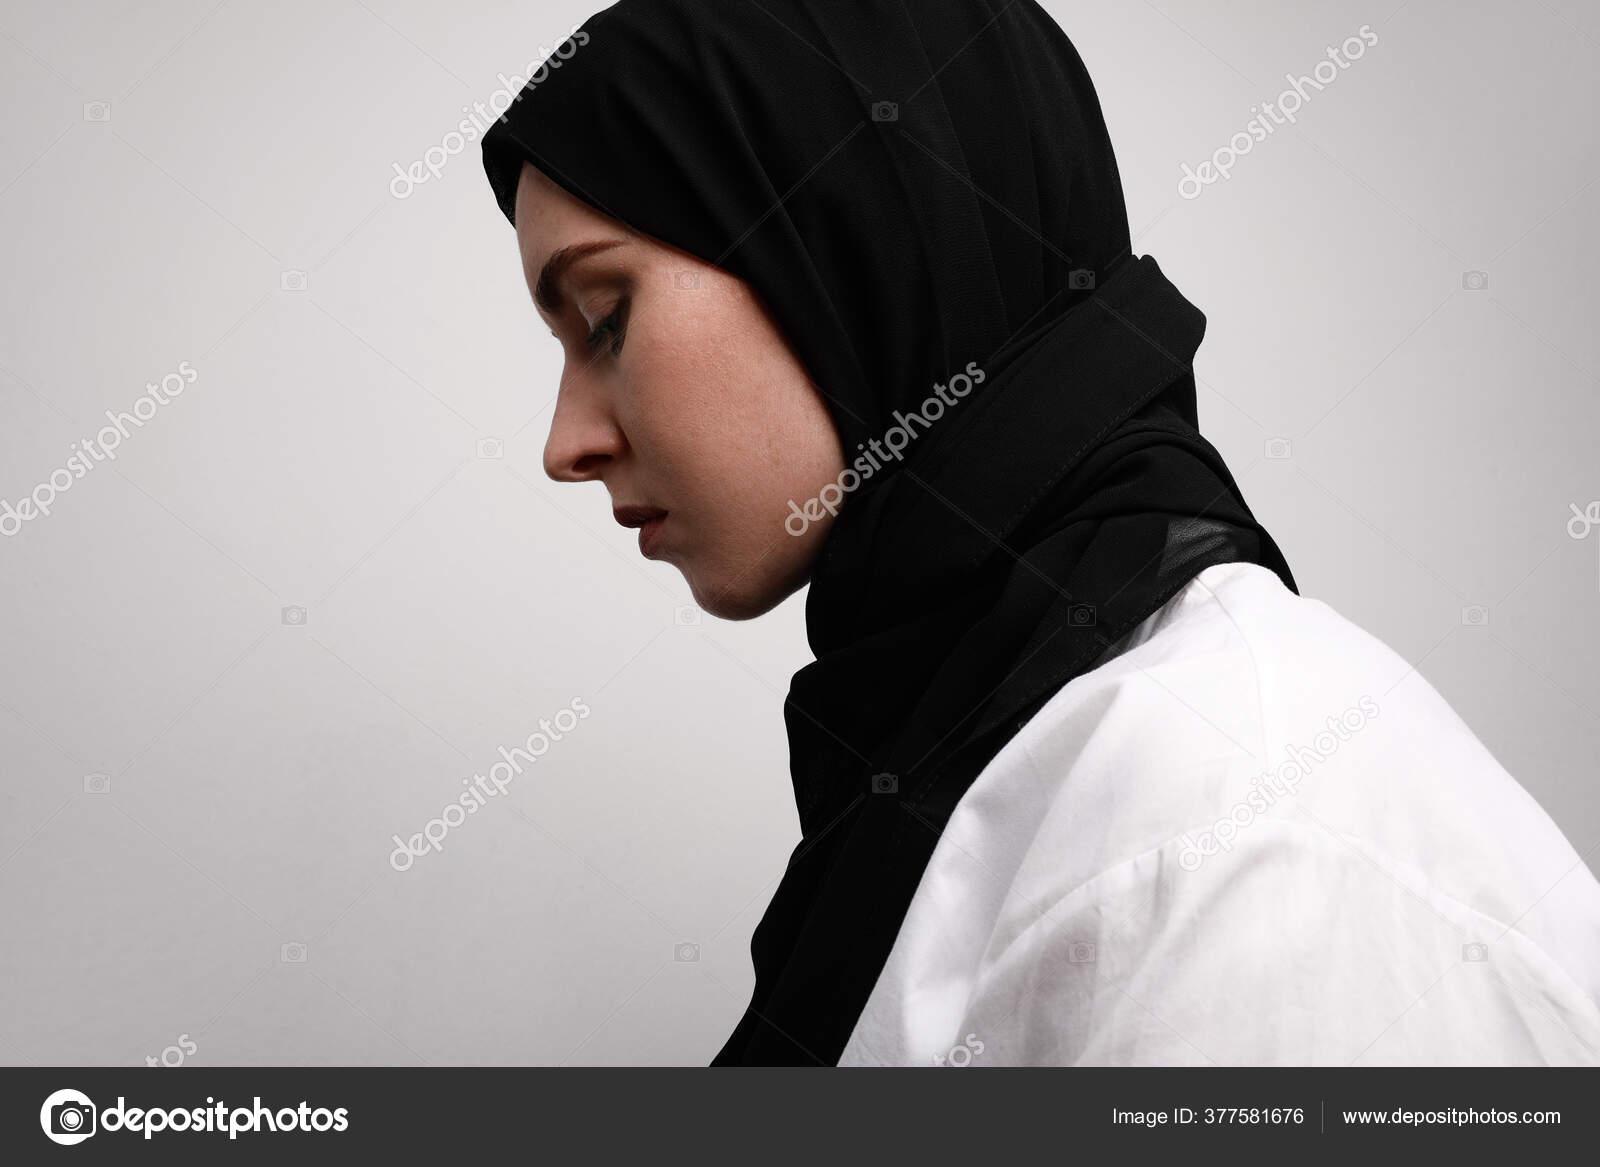 Gambar Samping Dari Wanita Muslim Muda Berhijab Terisolasi Dengan Latar Belakang Putih Konsep Gaya Hidup Agama Islam Wanita Stok Foto C Facereader Images Gmail Com 377581676